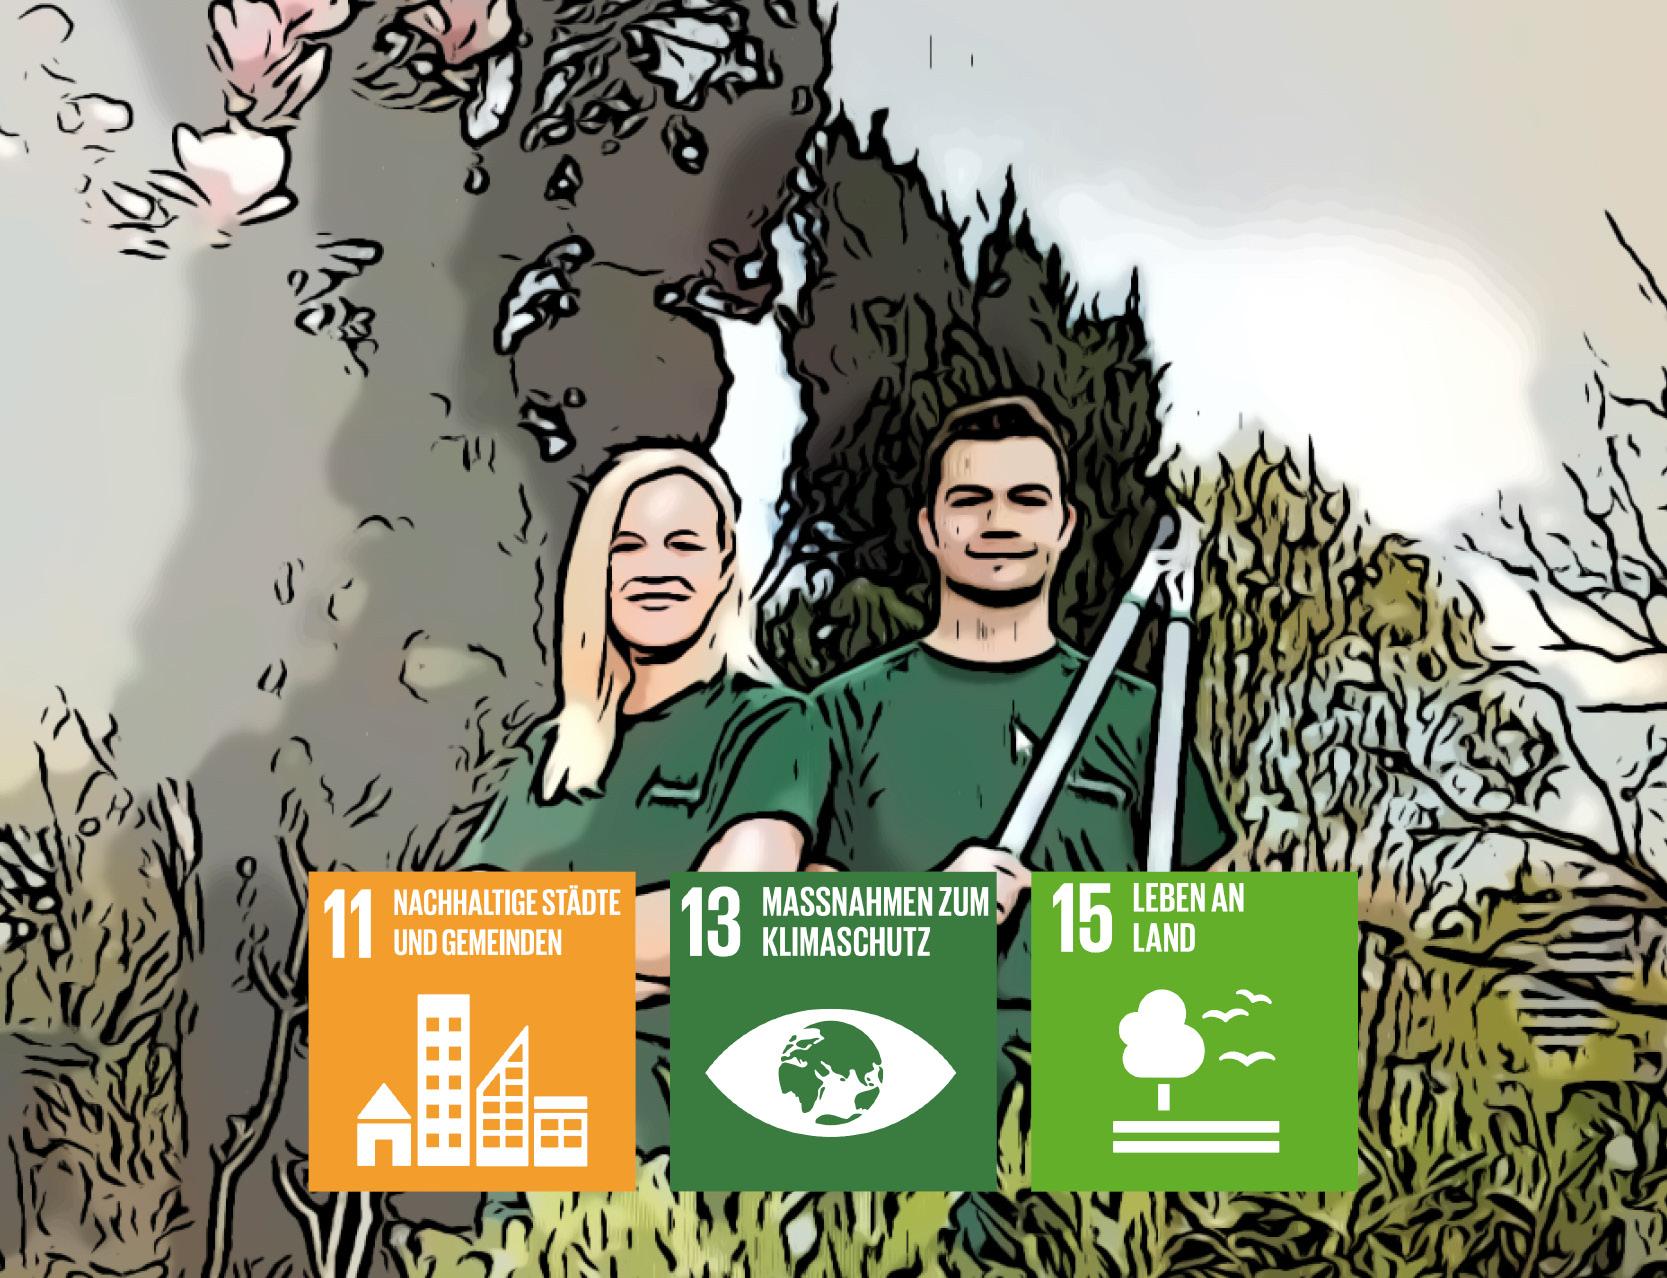 #5 Ökologisierung unserer Dienstleistungen